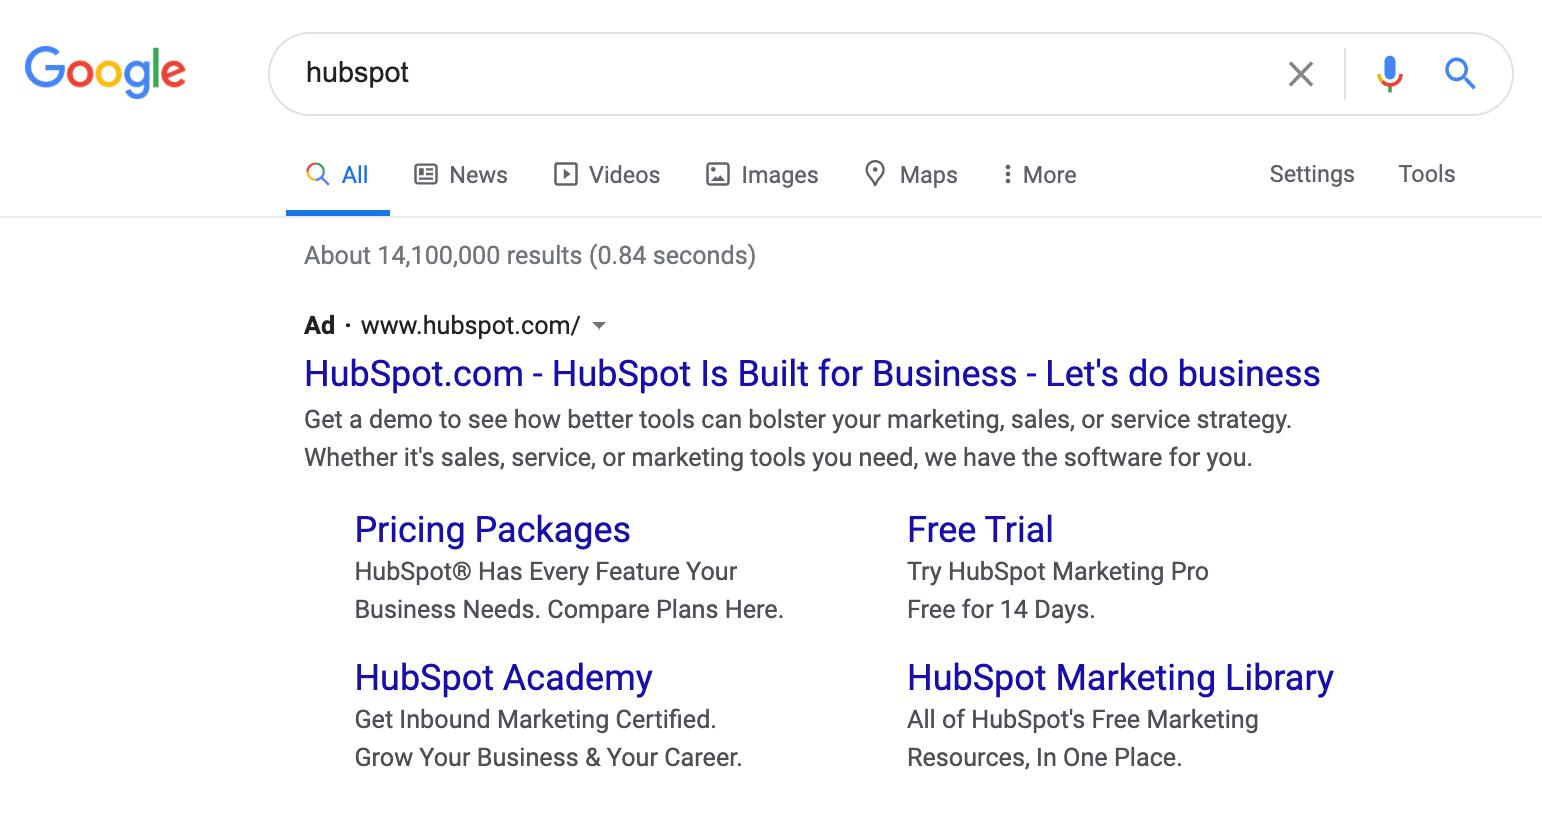 hubspotad-google